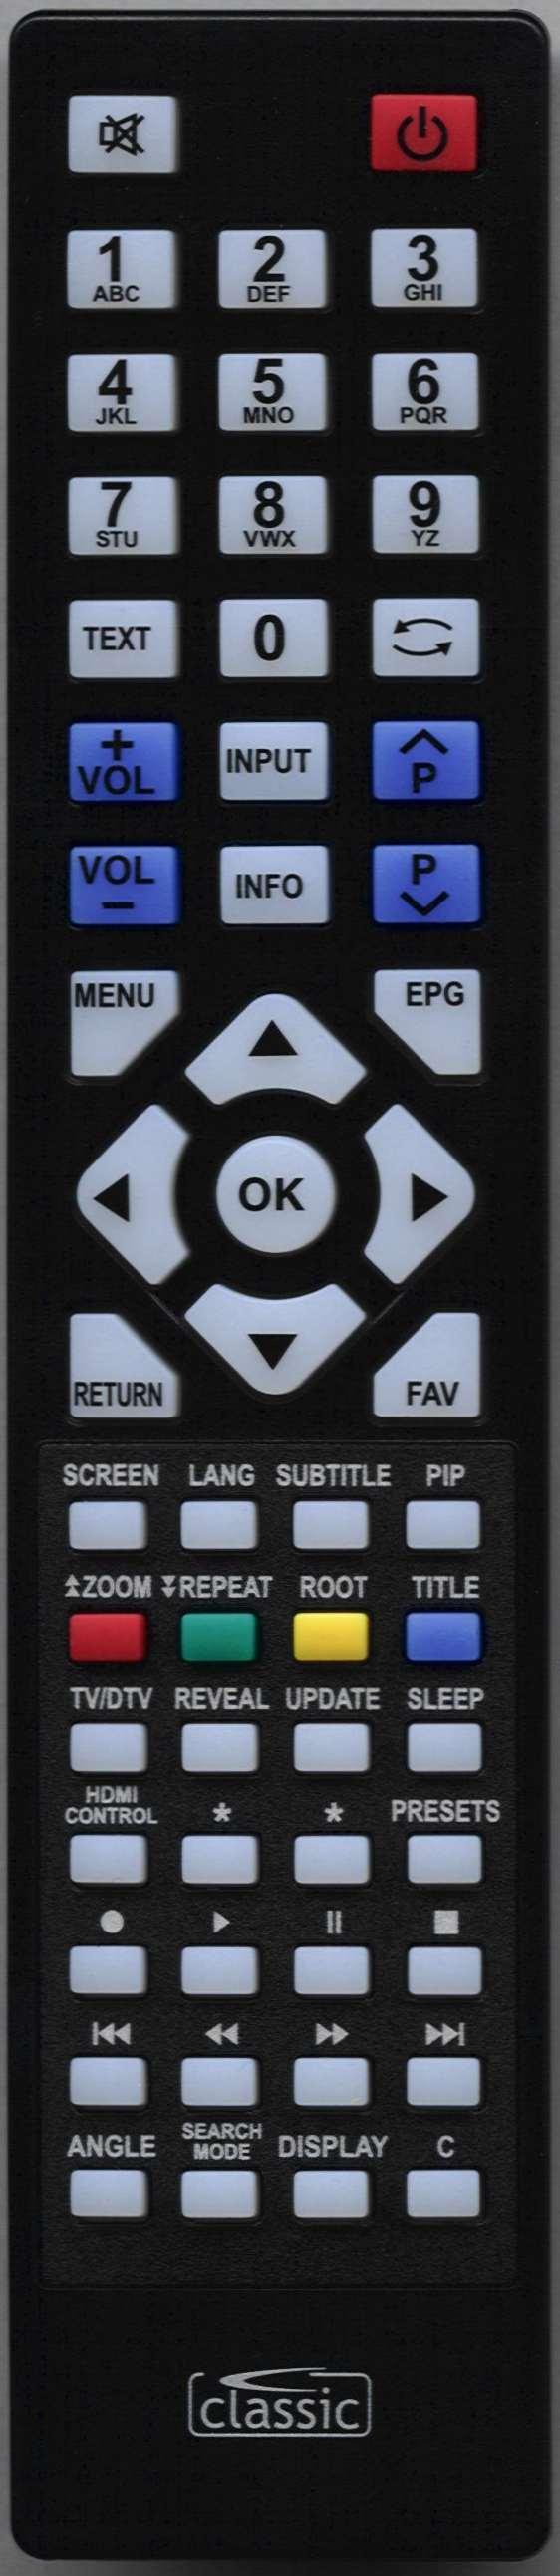 POLAROID P32LCD12 Remote Control Alternative